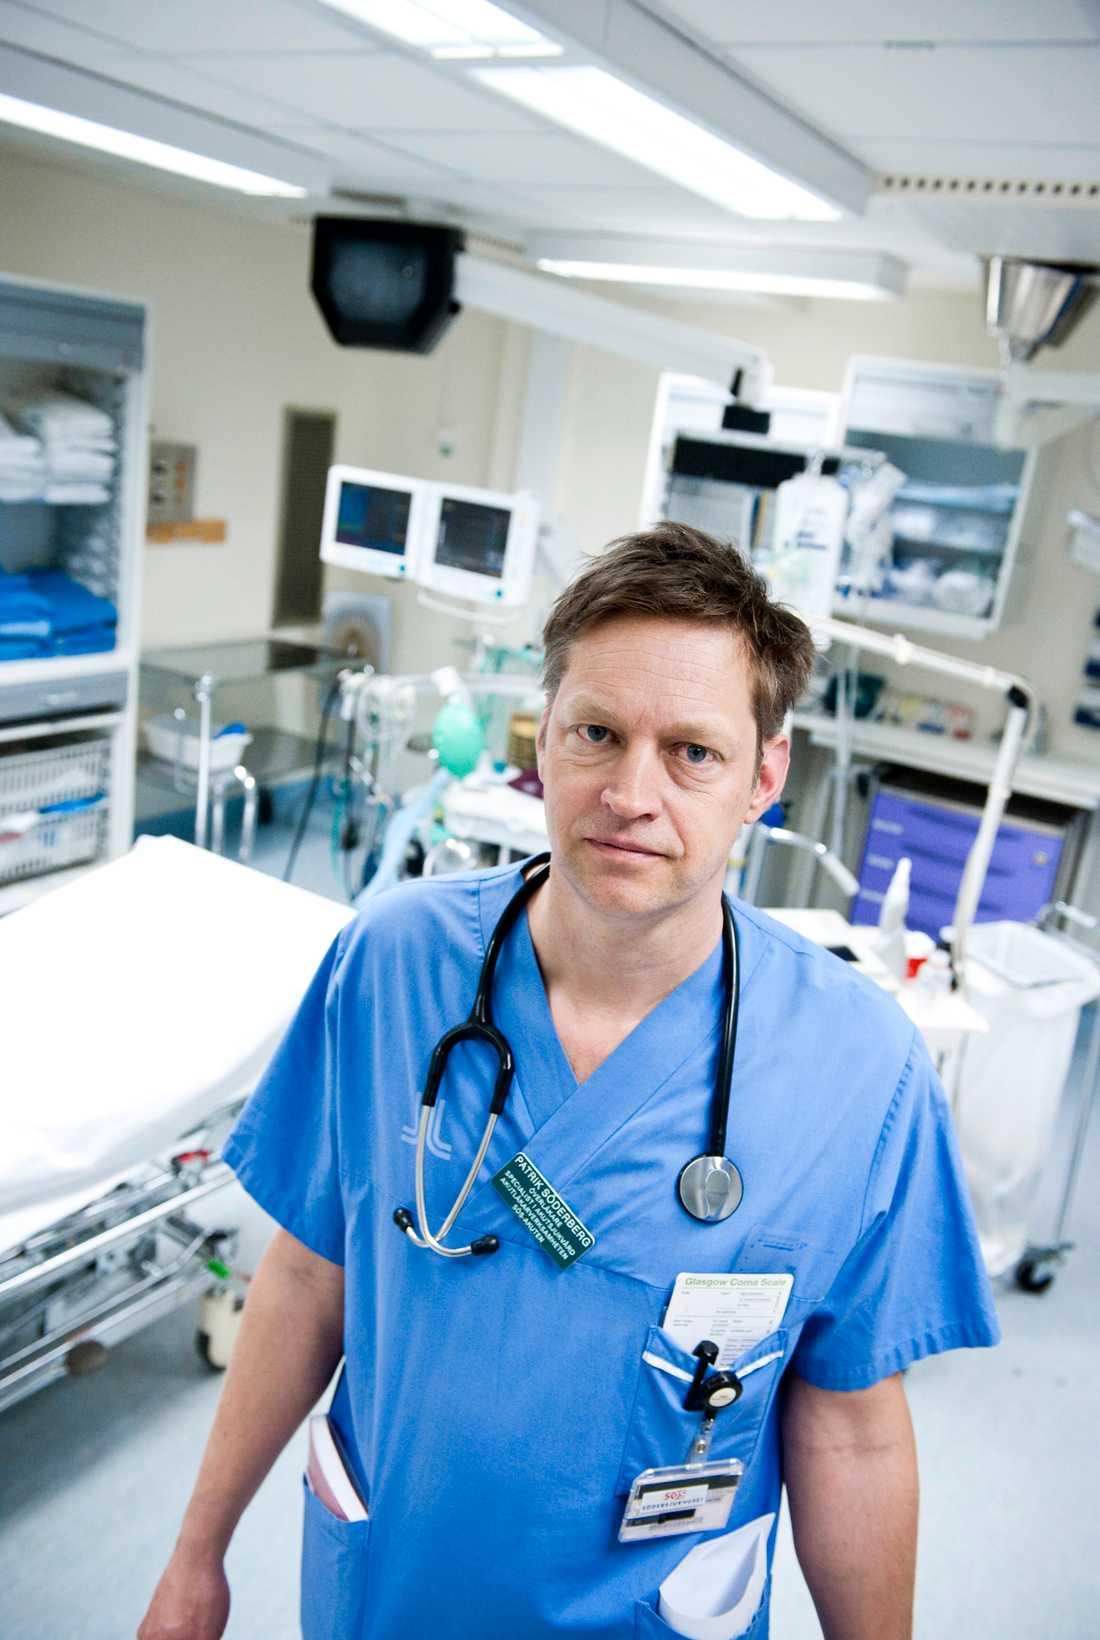 Patrik Söderberg, chefläkare för den prehospitala vården i Stockholms läns landsting, vill inte uttala sig i detalj om händelsen.